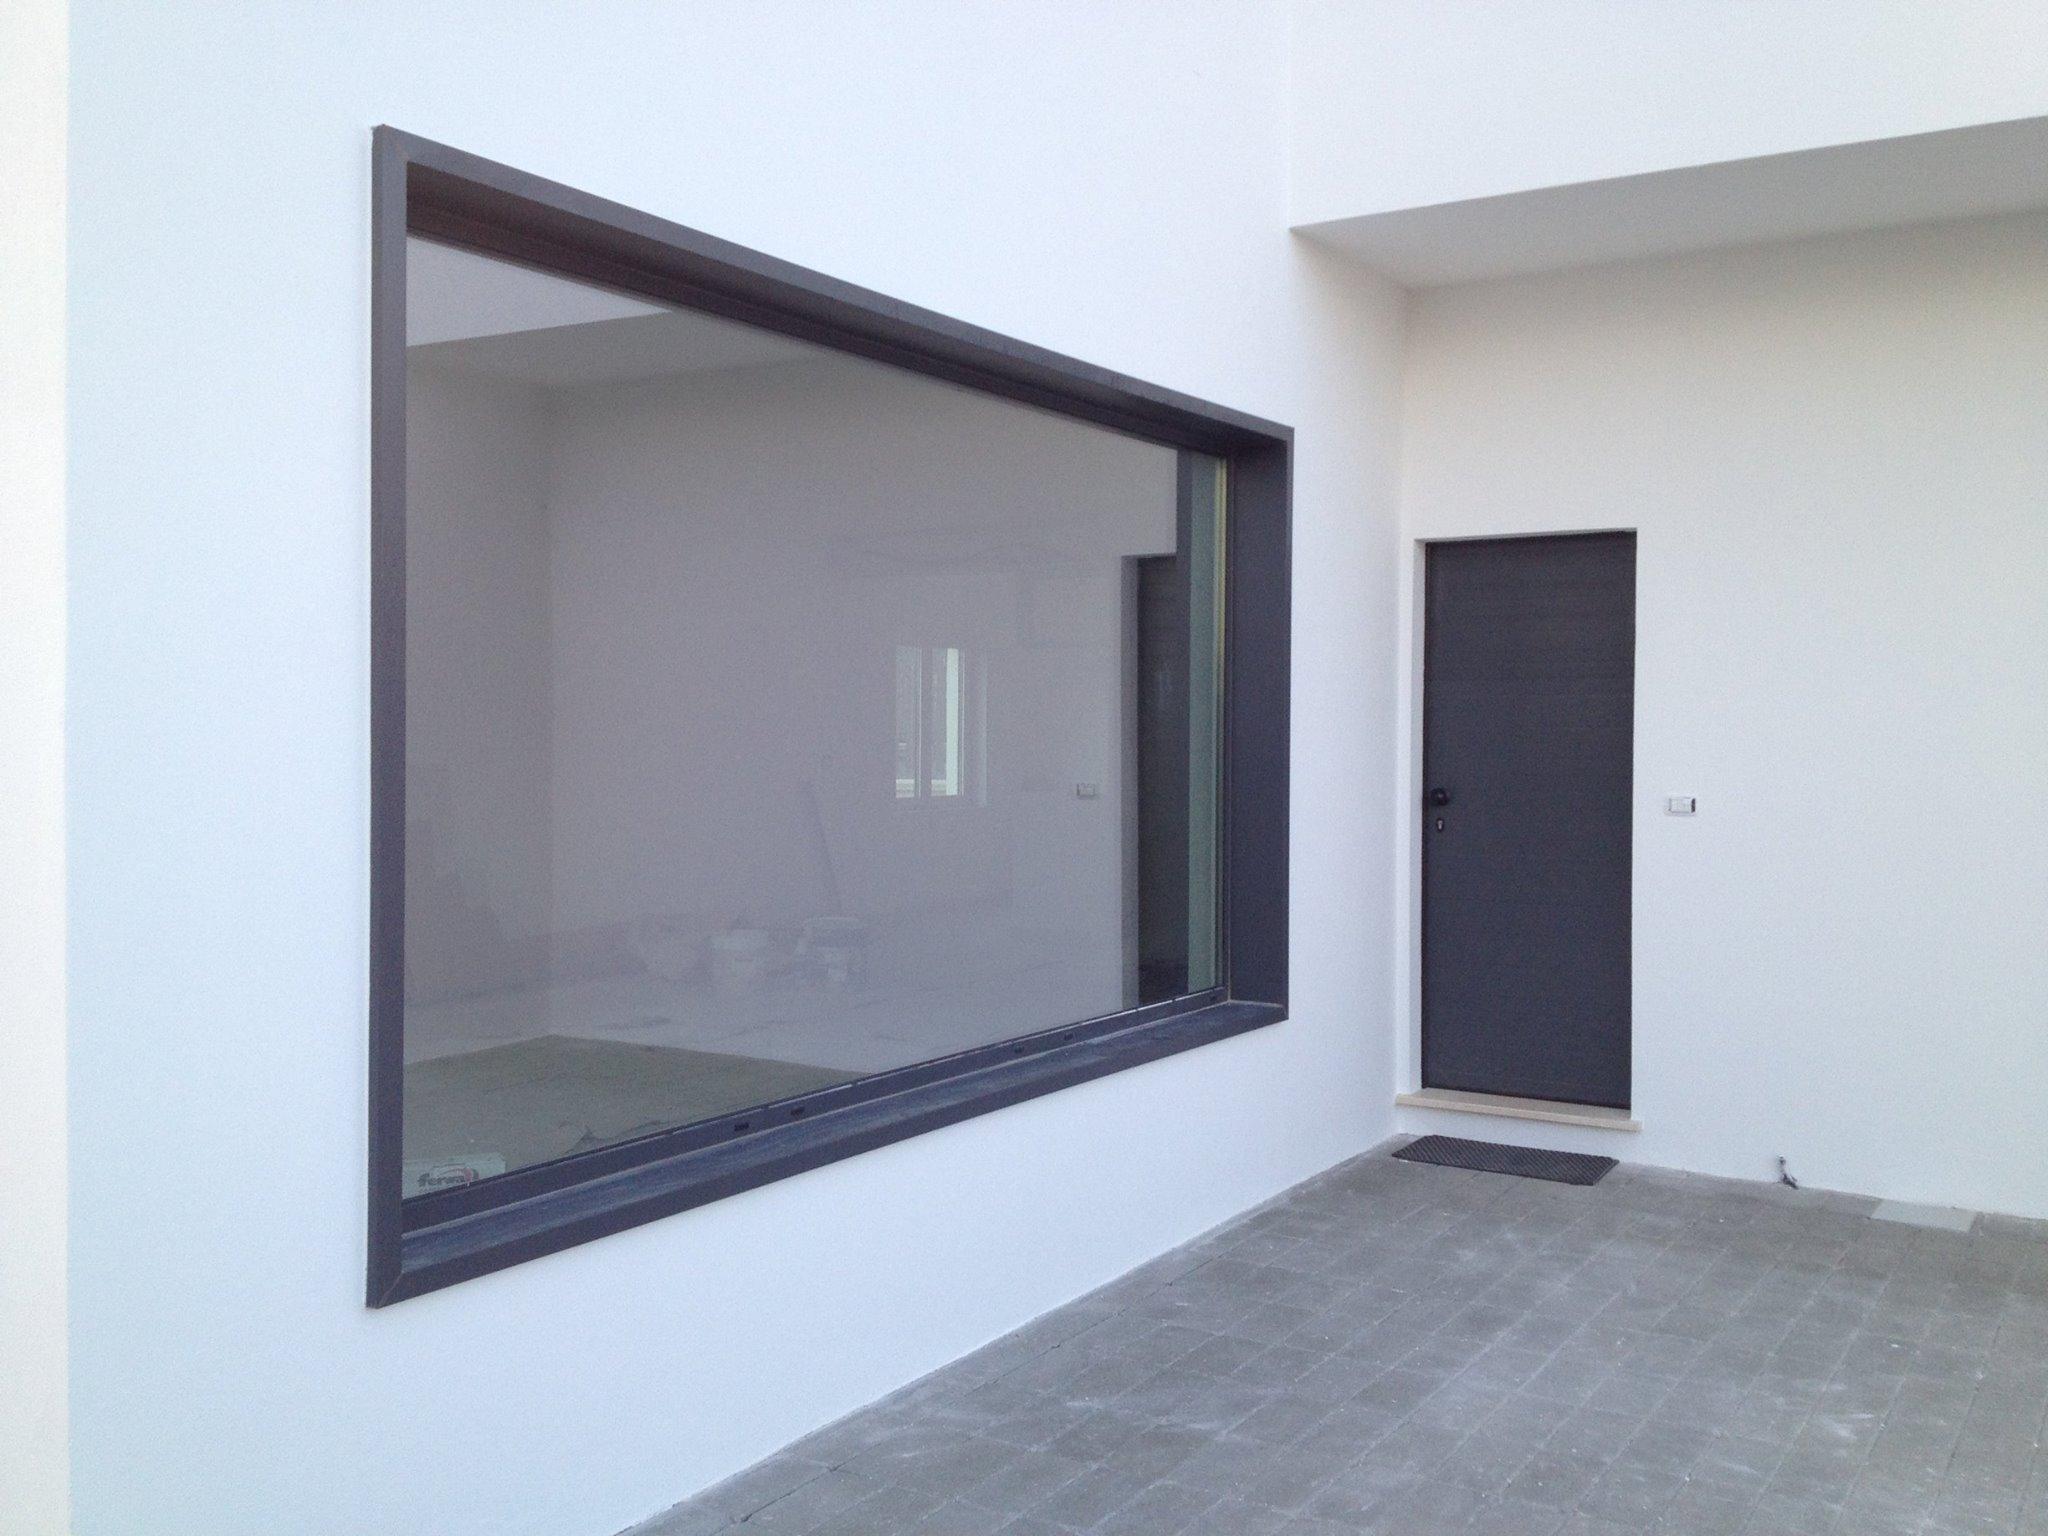 vetrata laterale